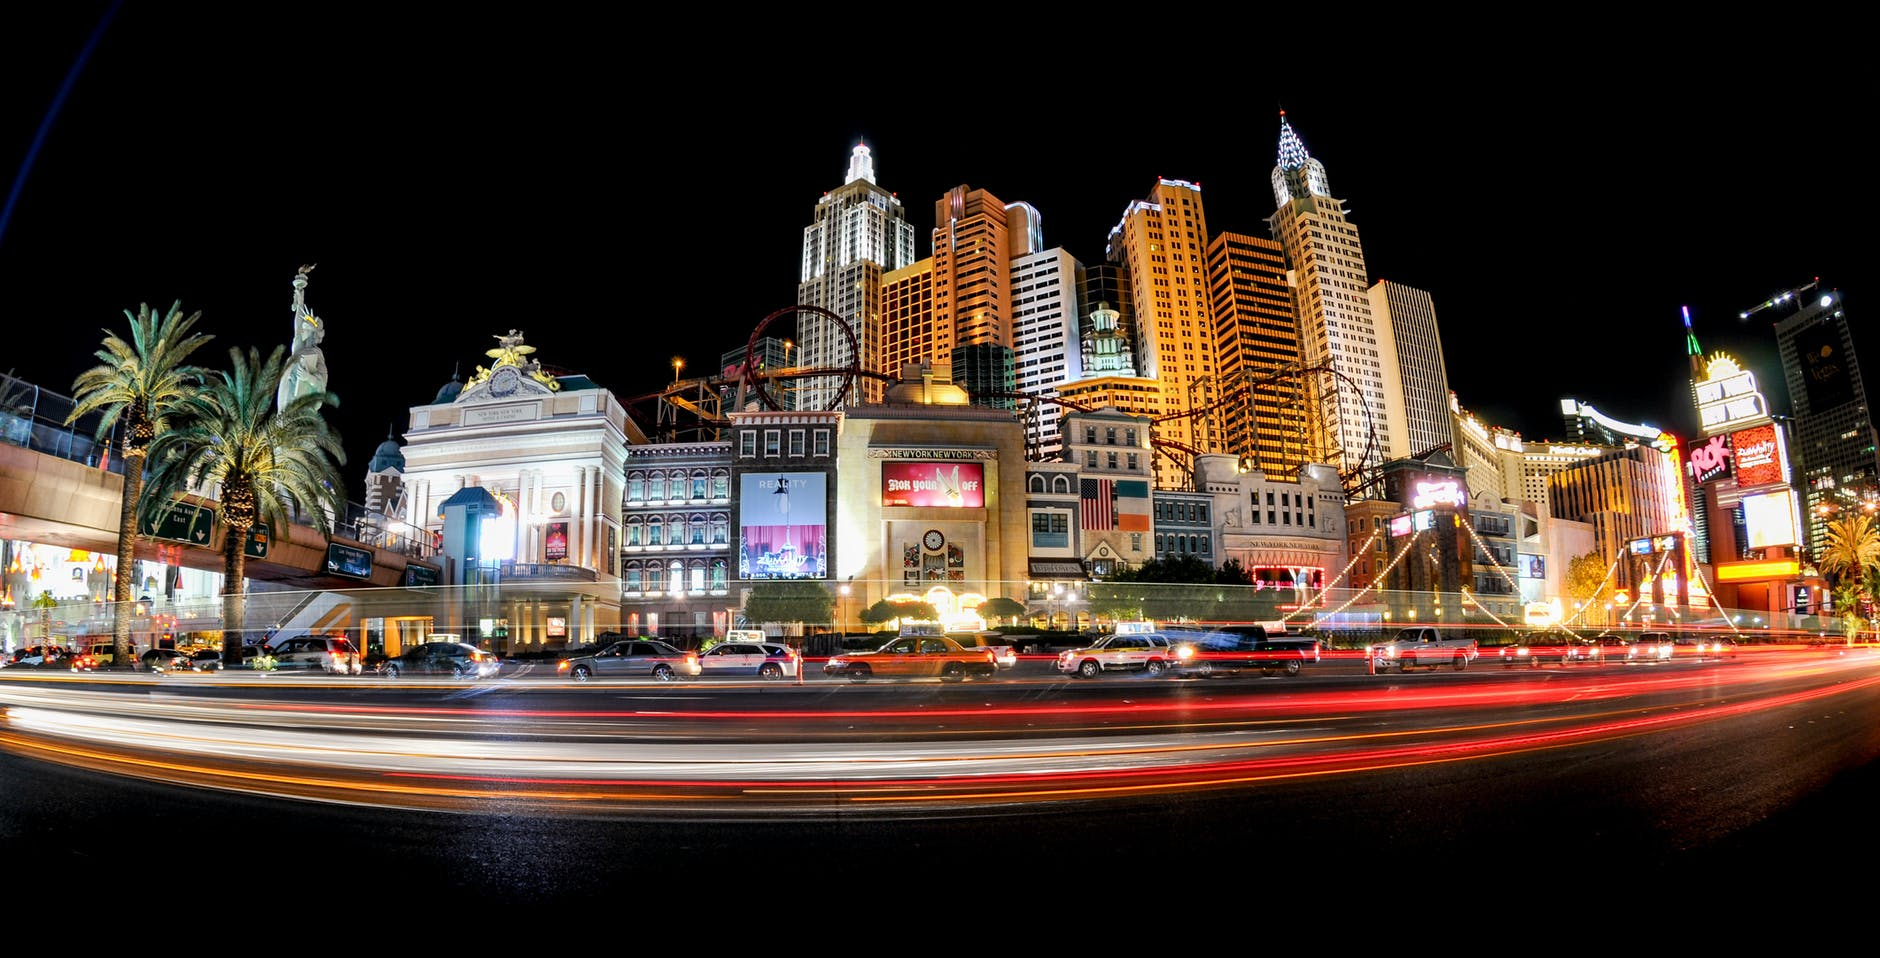 casino-architettura-palazzi